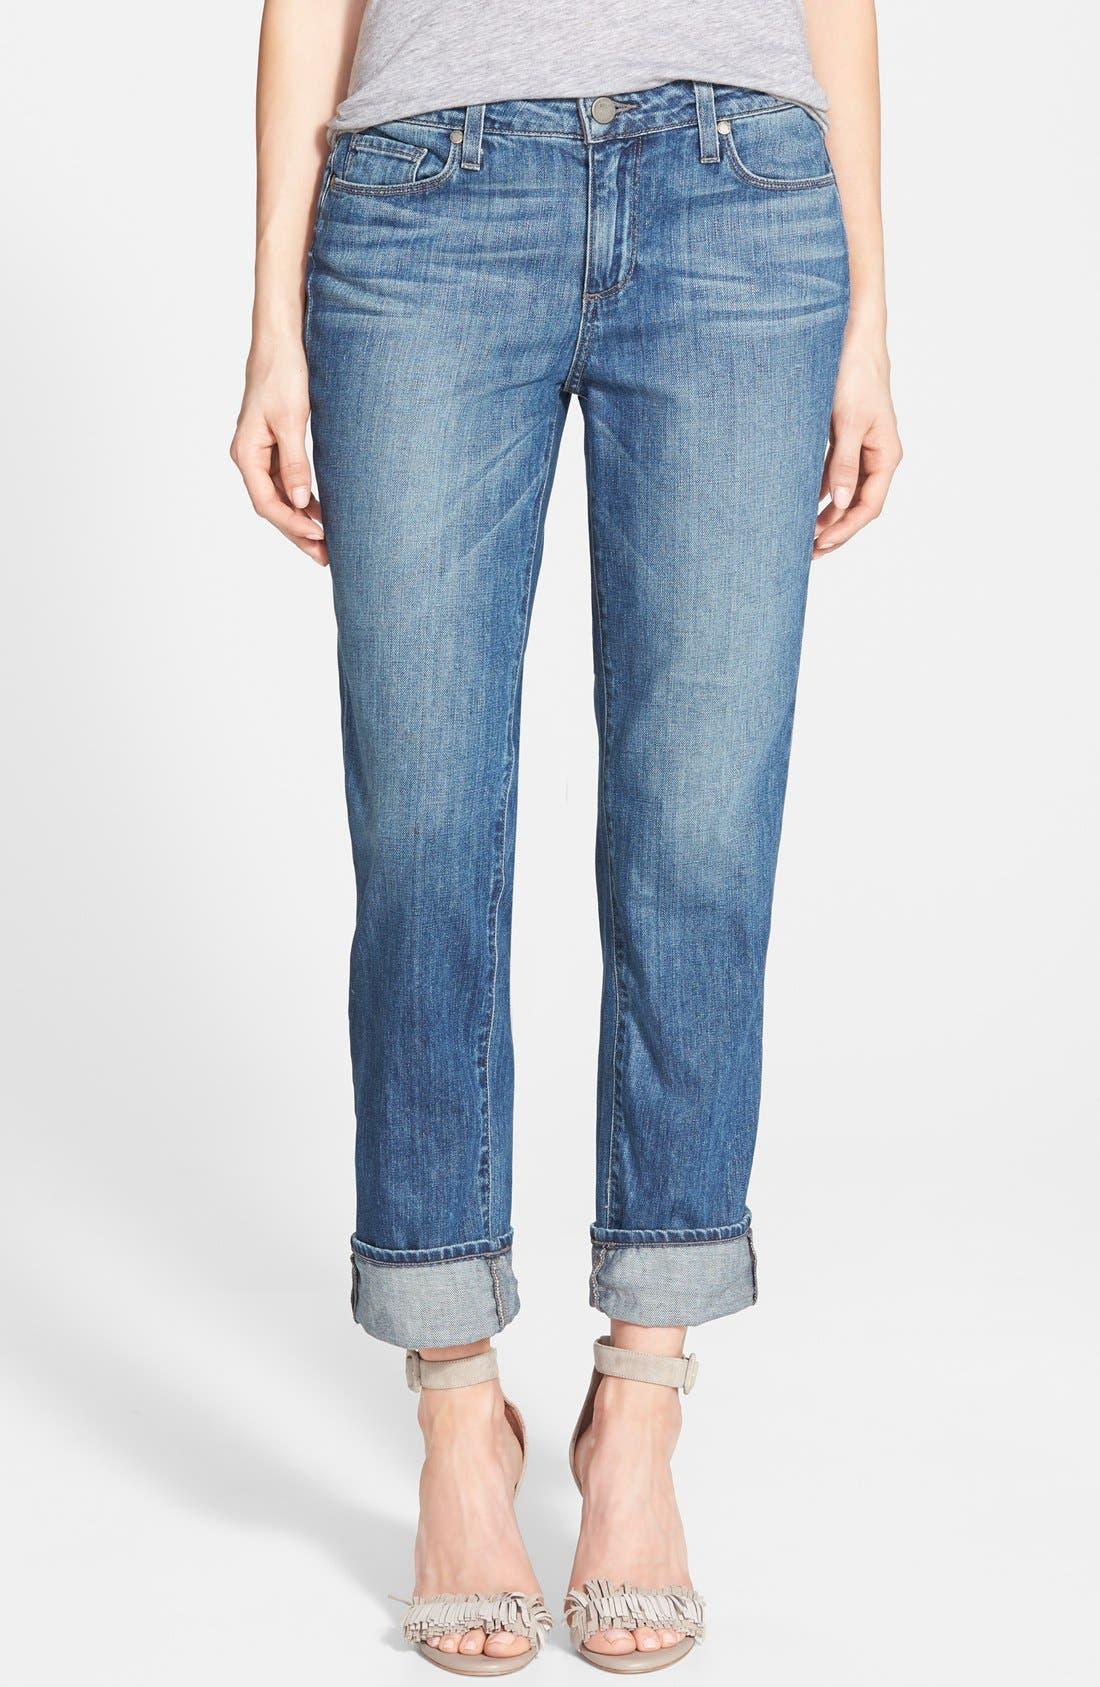 Main Image - Paige Denim 'Porter' Boyfriend Jeans (Dazely)